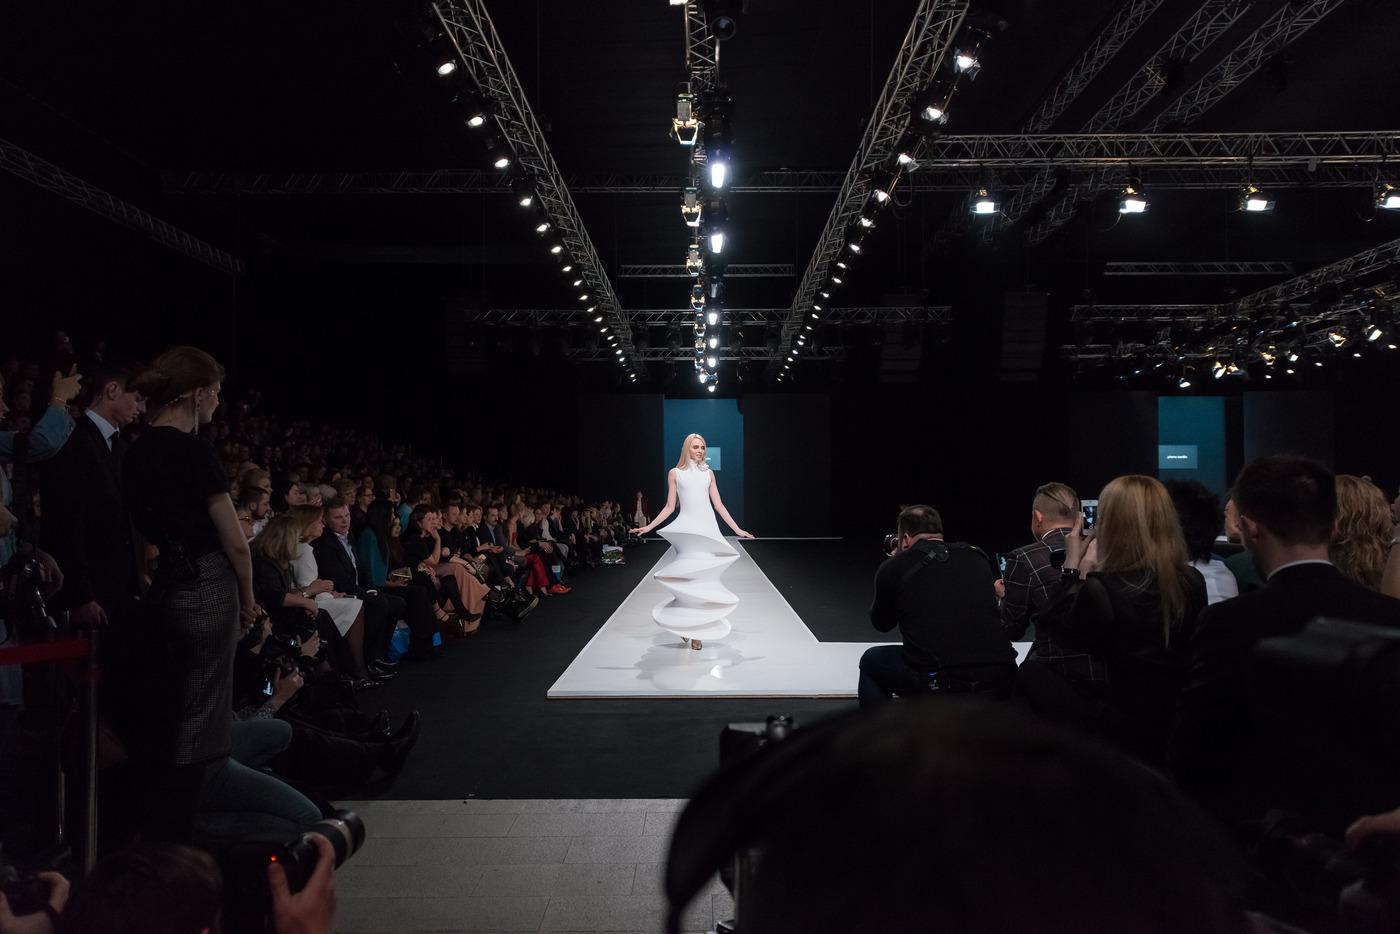 Неделя моды в Москве откроется показом Валентина Юдашкина и ретроспективой Пьера Кардена